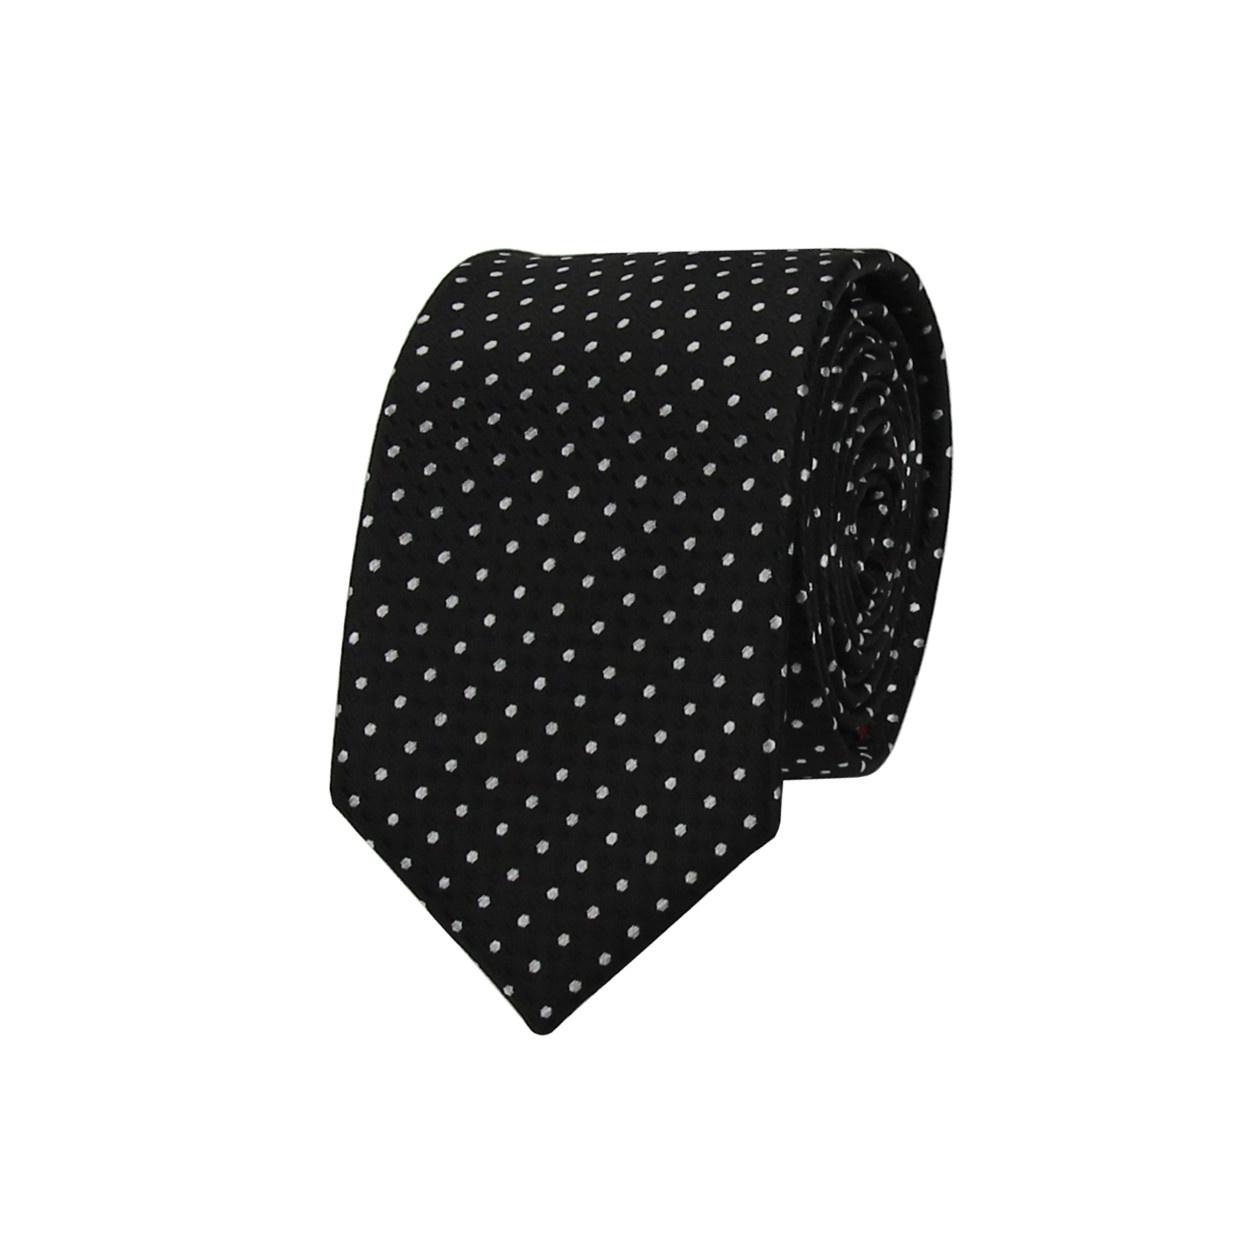 Černá pánská kravata s bílými puntíky